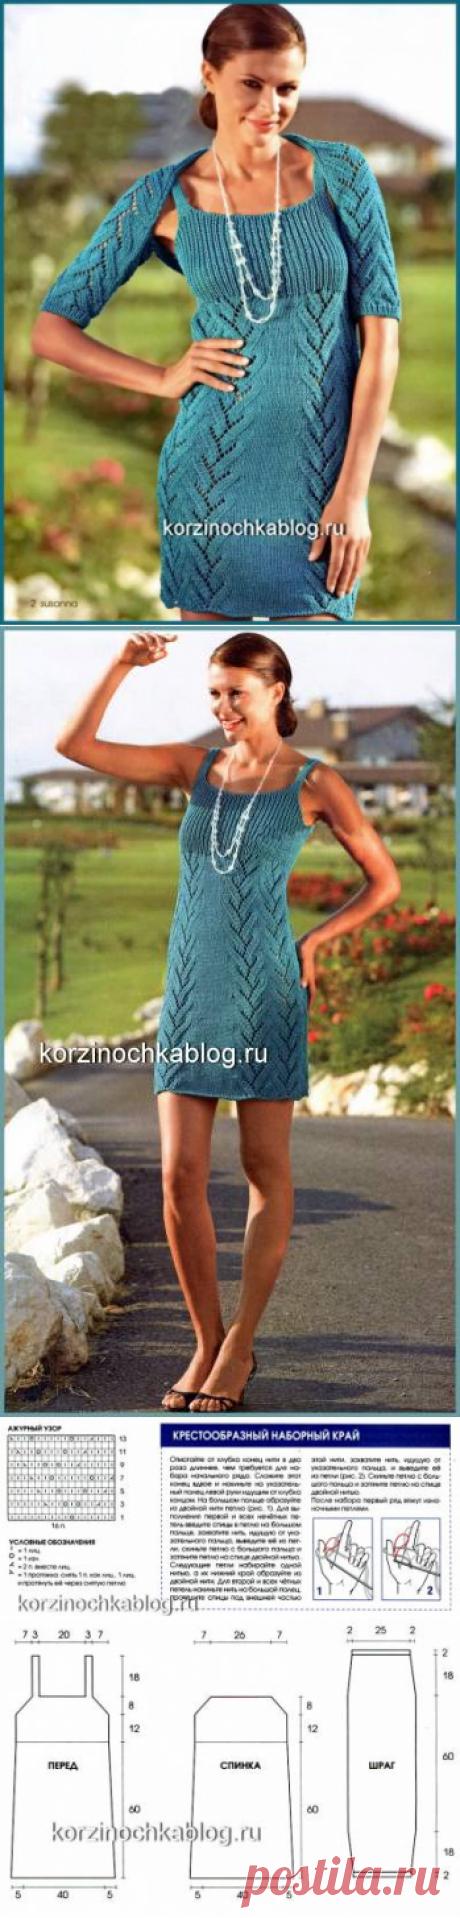 Вязаное платье и вязаный шраг - 3 Июля 2016 - Вязание спицами, модели и схемы для вязания на спицах